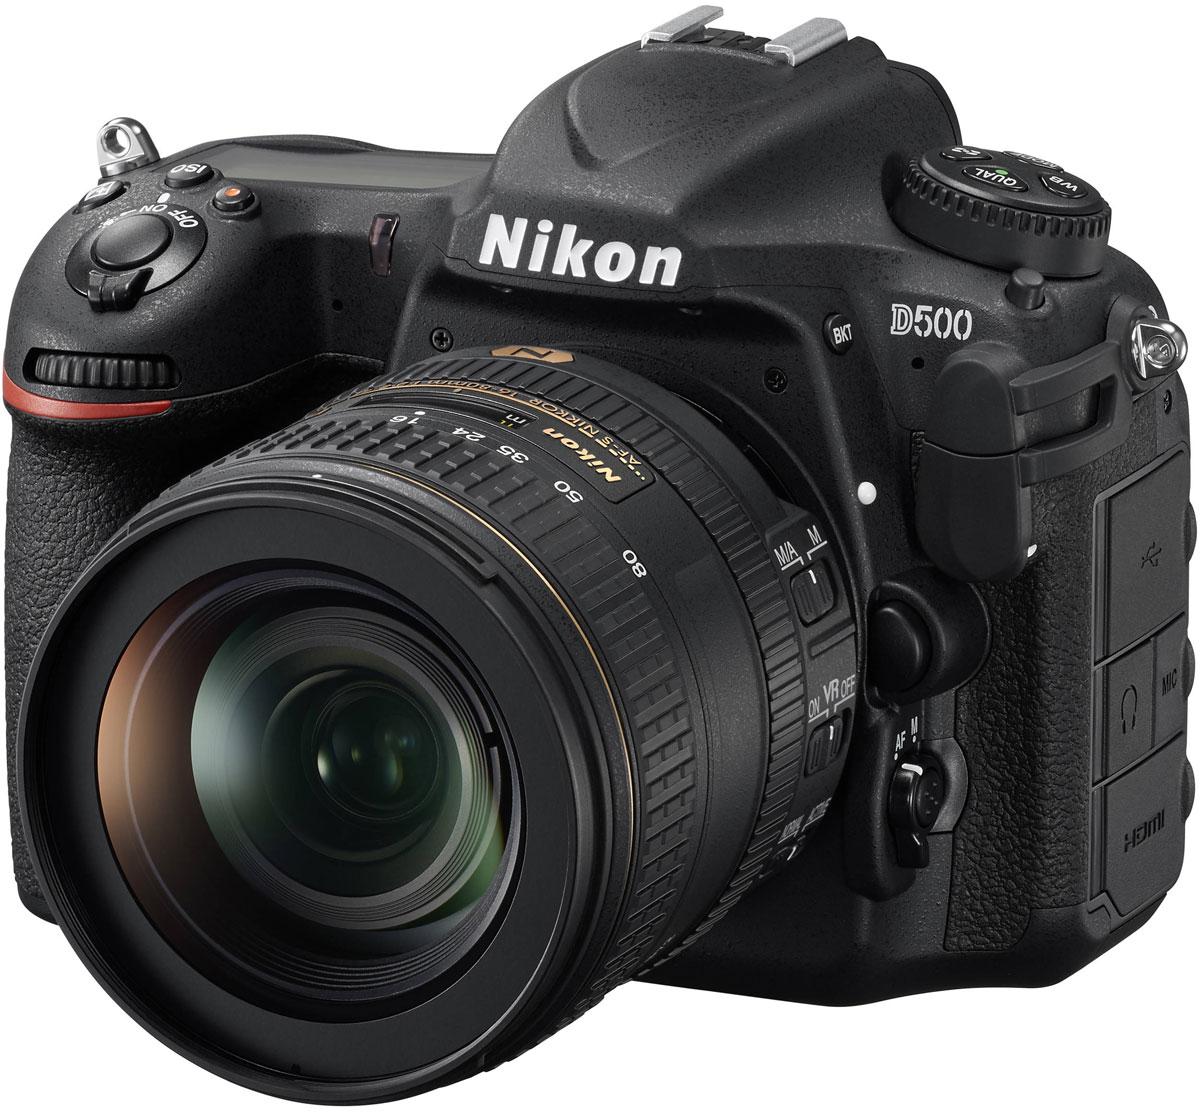 Nikon D500 Kit 16-80mm, Black цифровая зеркальная камераVBA480K001Фотокамера Nikon D500, младшая сестра флагманской модели D5 формата FX, демонстрирует непревзойденное сочетание мощности и точности. Разработанная корпорацией Nikon 153-точечная система АФ нового поколения позволяет работать в самых разных условиях съемки. Новая матрица и датчик для замера экспозиции обеспечивают исключительно точное распознавание объектов съемки и деталей изображения. Скорость съемки может составлять до 10 кадров в секунду, а быстрый буфер памяти позволяет снять до 200 изображений в формате NEF (RAW) в одной высокоскоростной серии. Модель выполняет фокусировку с абсолютной точностью, даже практически в полной темноте. Эта феноменальная система АФ со 153 точками фокусировки и 99 датчиками перекрестного типа обеспечивает непревзойденное покрытие, охватывая практически всю ширину поля видоискателя. Благодаря понижению порога чувствительности АФ до -4 EV в центральной точке и до -3 EV (ISO 100, 20 °C) для всех остальных точек ...